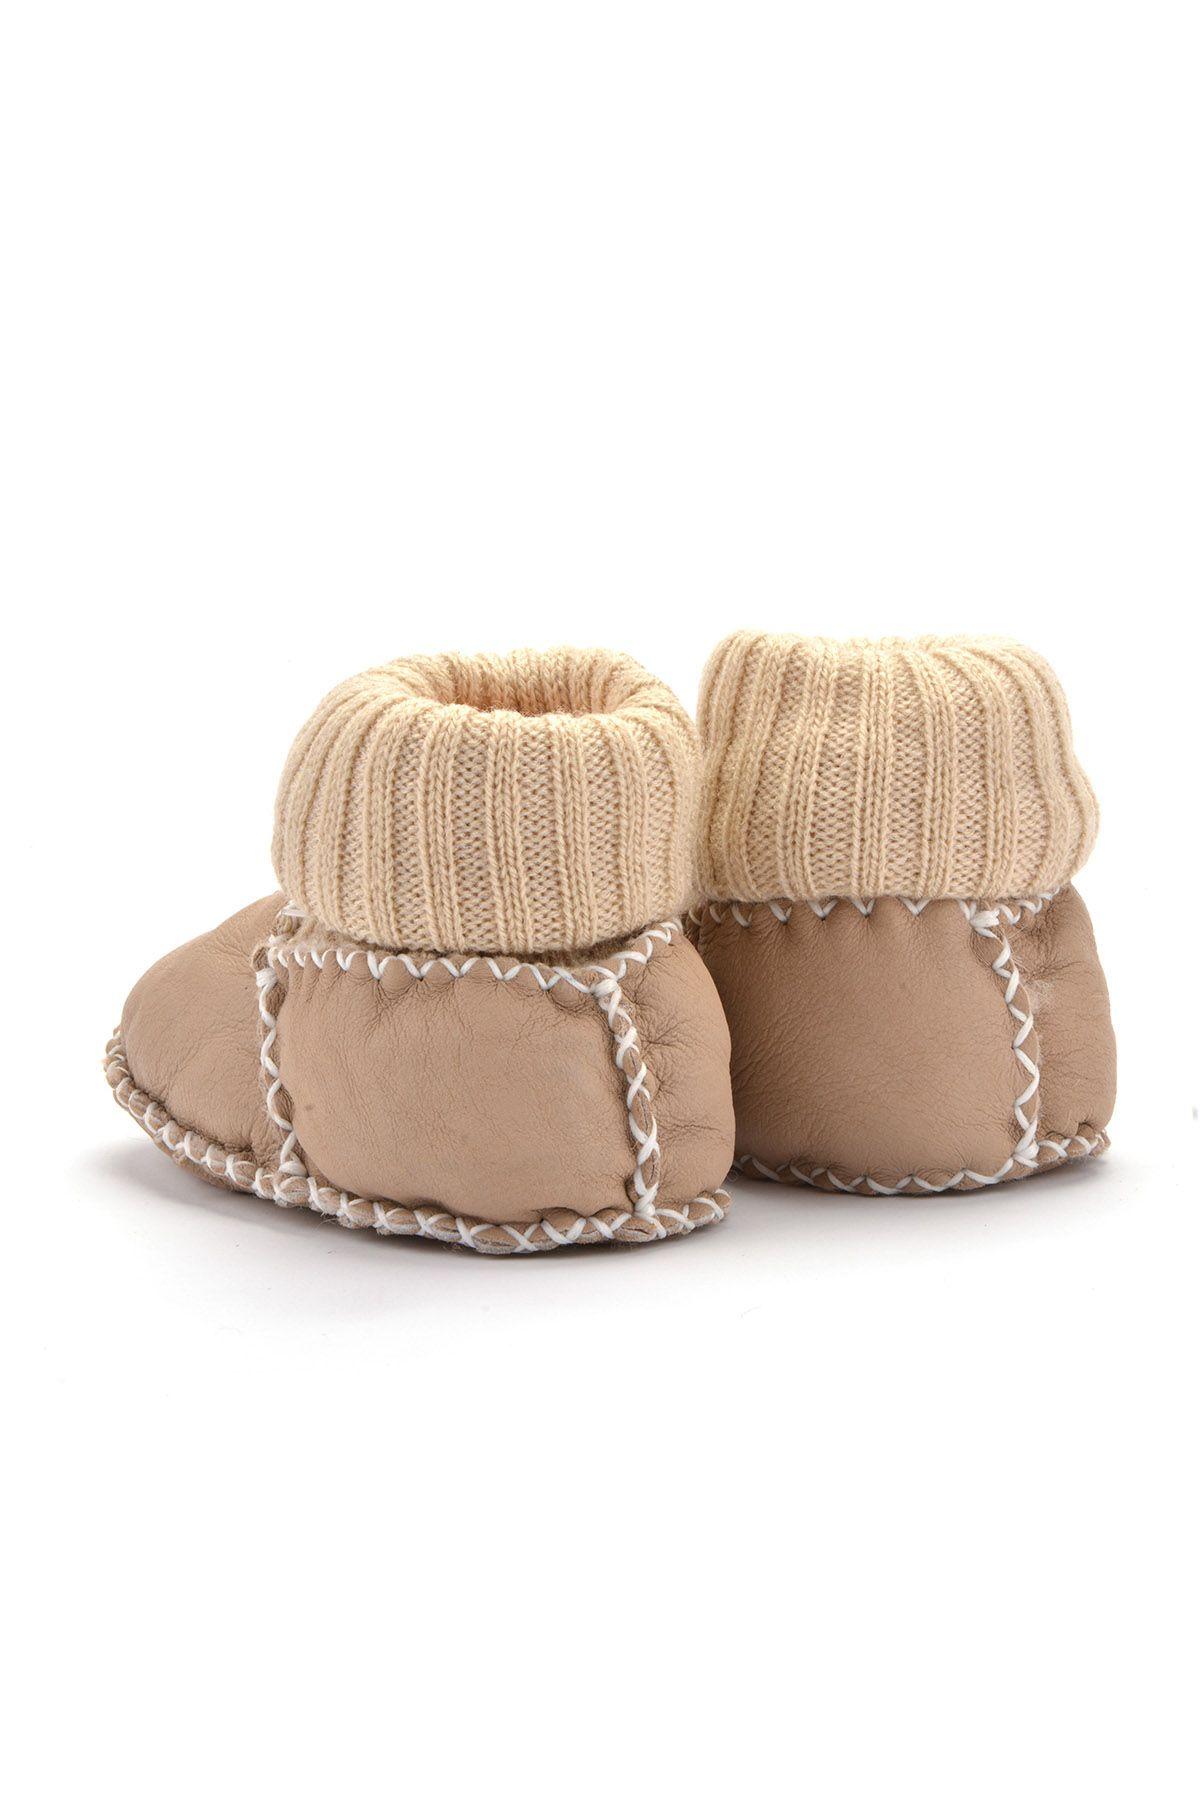 Pegia Hakiki Kürklü Çoraplı Bebek Patiği 141006 Krem